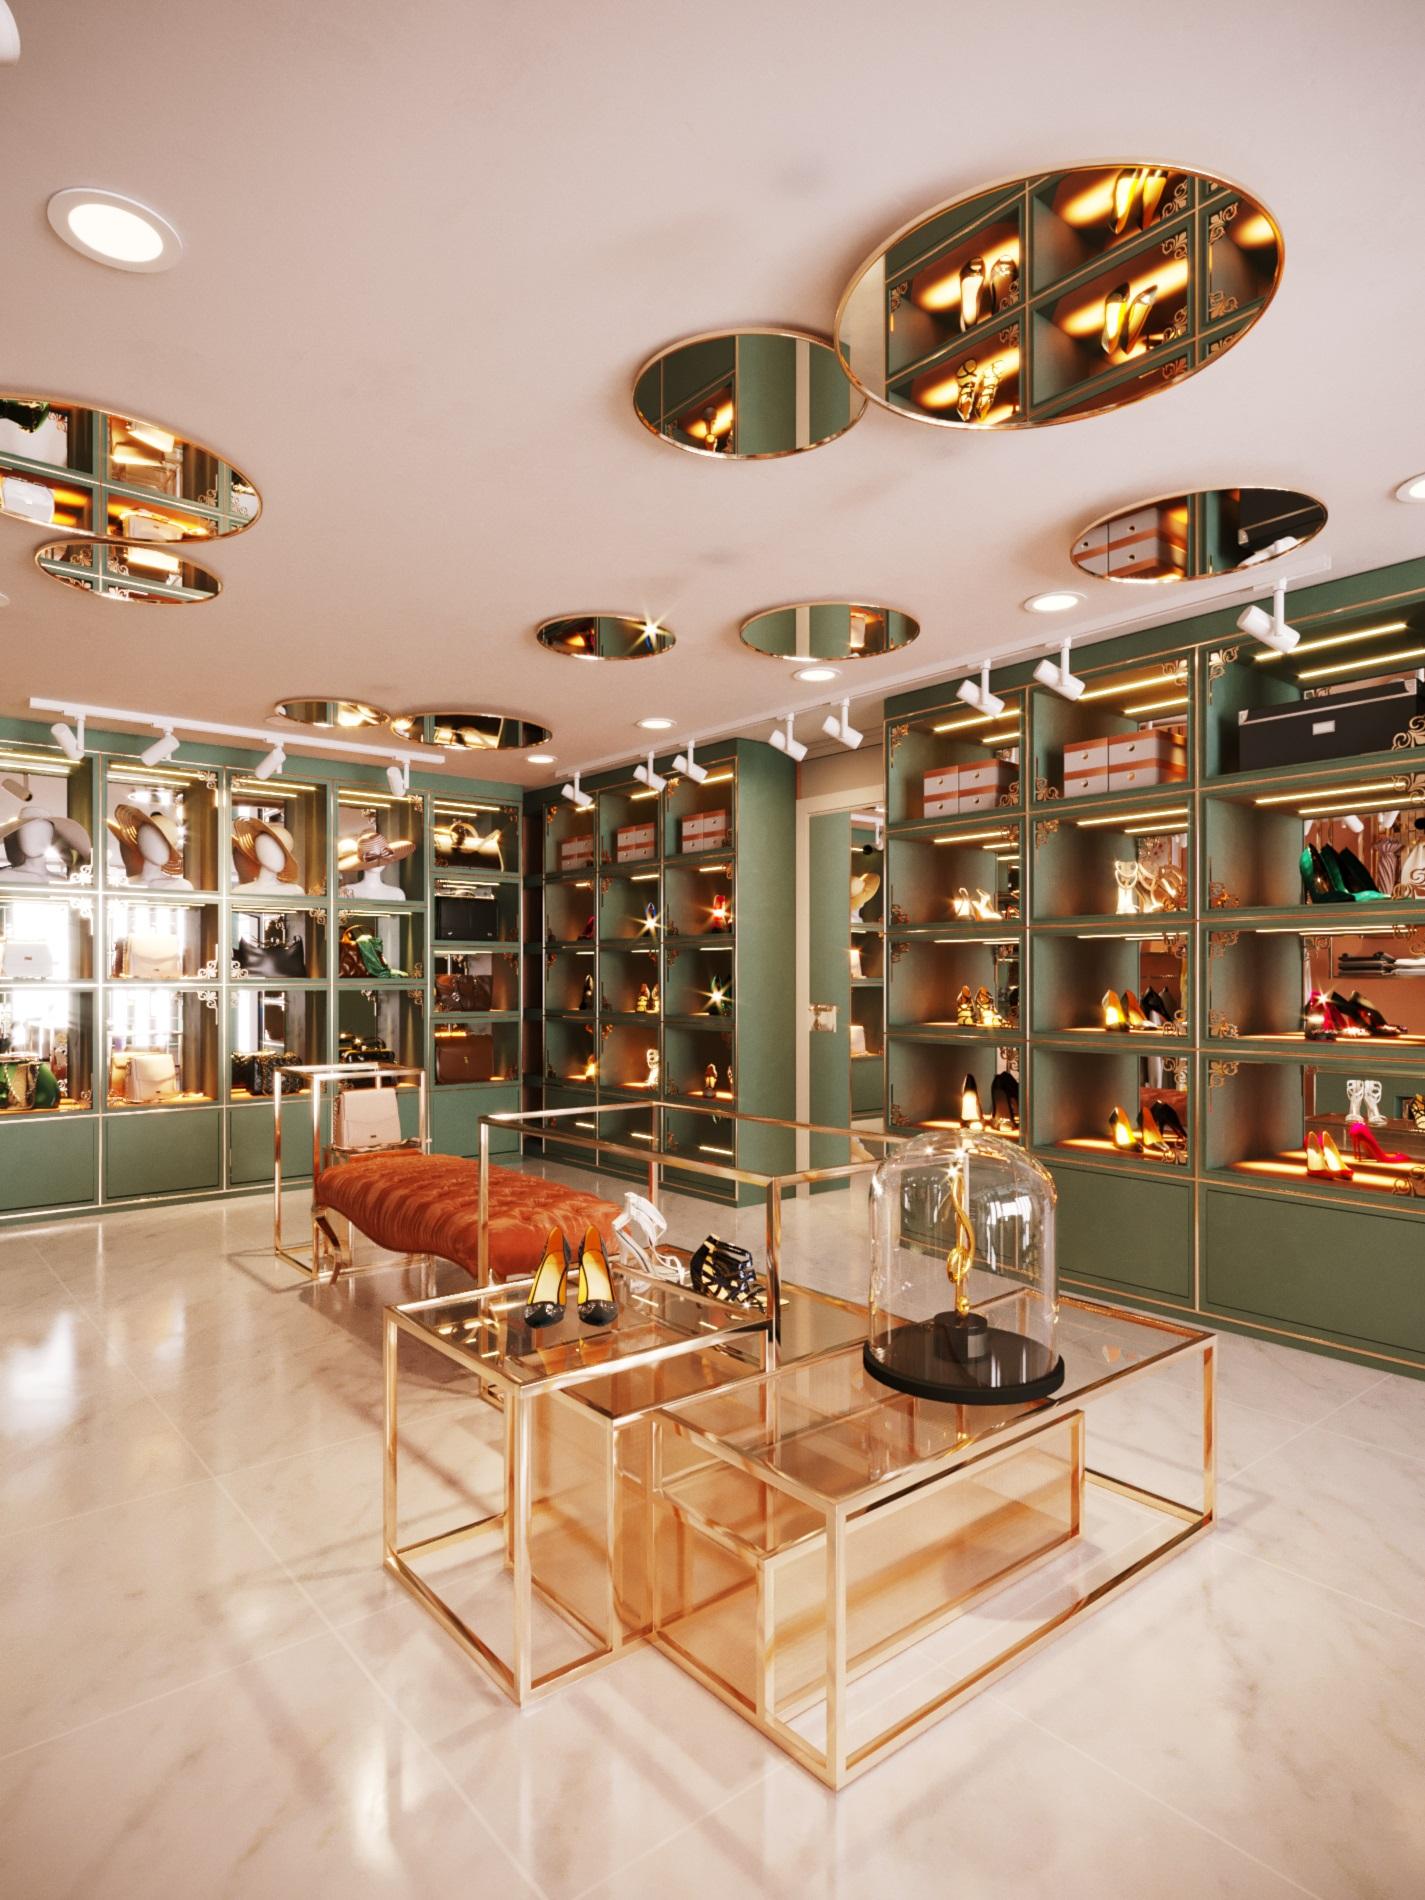 thiết kế nội thất Shop tại Hà Nội SHOP THỜI TRANG DANNY NGUYEN 12 1569650999